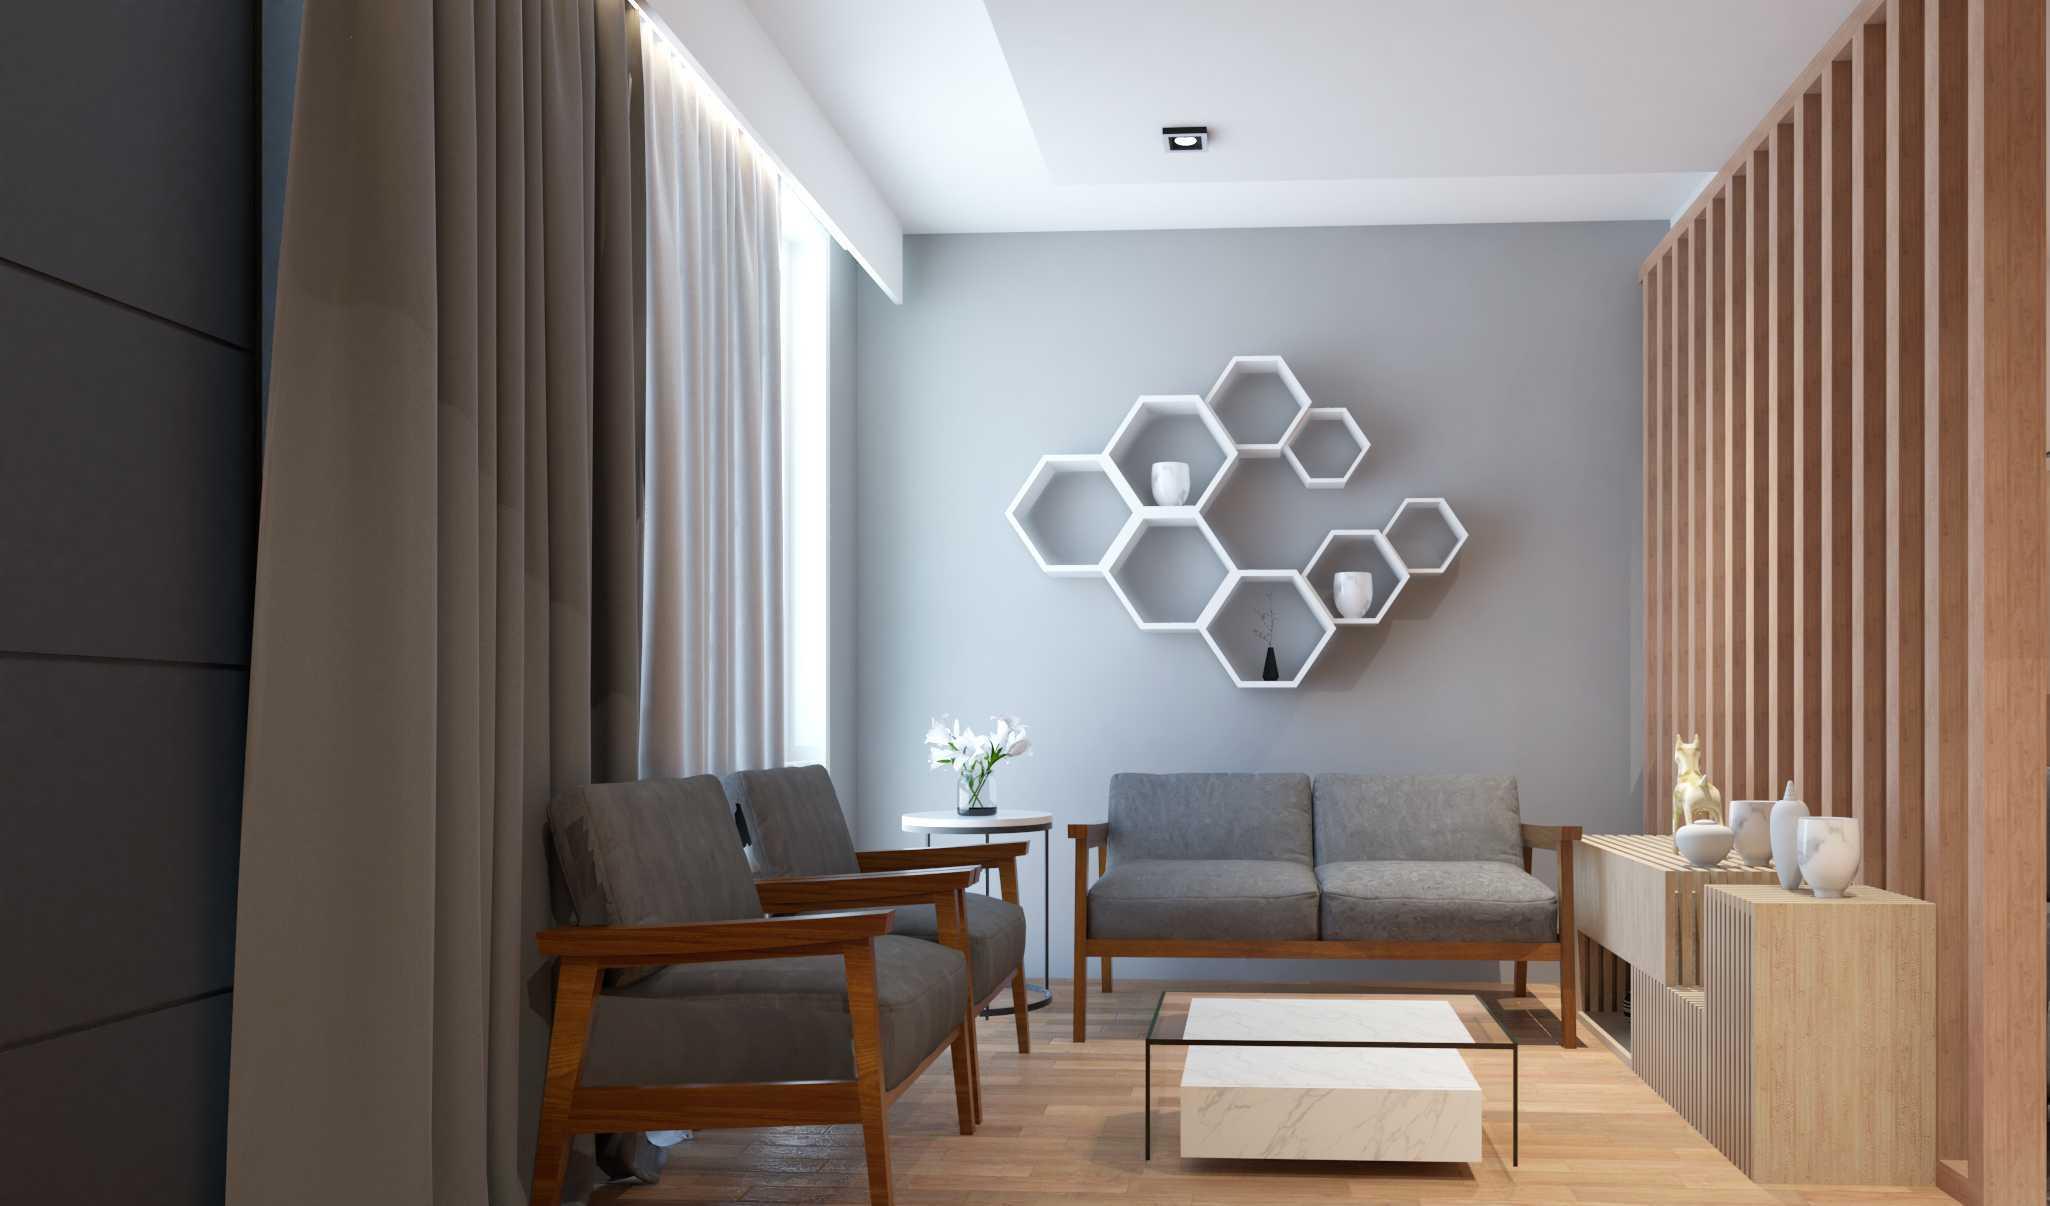 Ade Adang Suryana Visualisasi Arsitektur Dan Interior Rumah Bogor, Jawa Barat, Indonesia Bogor, Jawa Barat, Indonesia Ruang Tamu Modern  88174